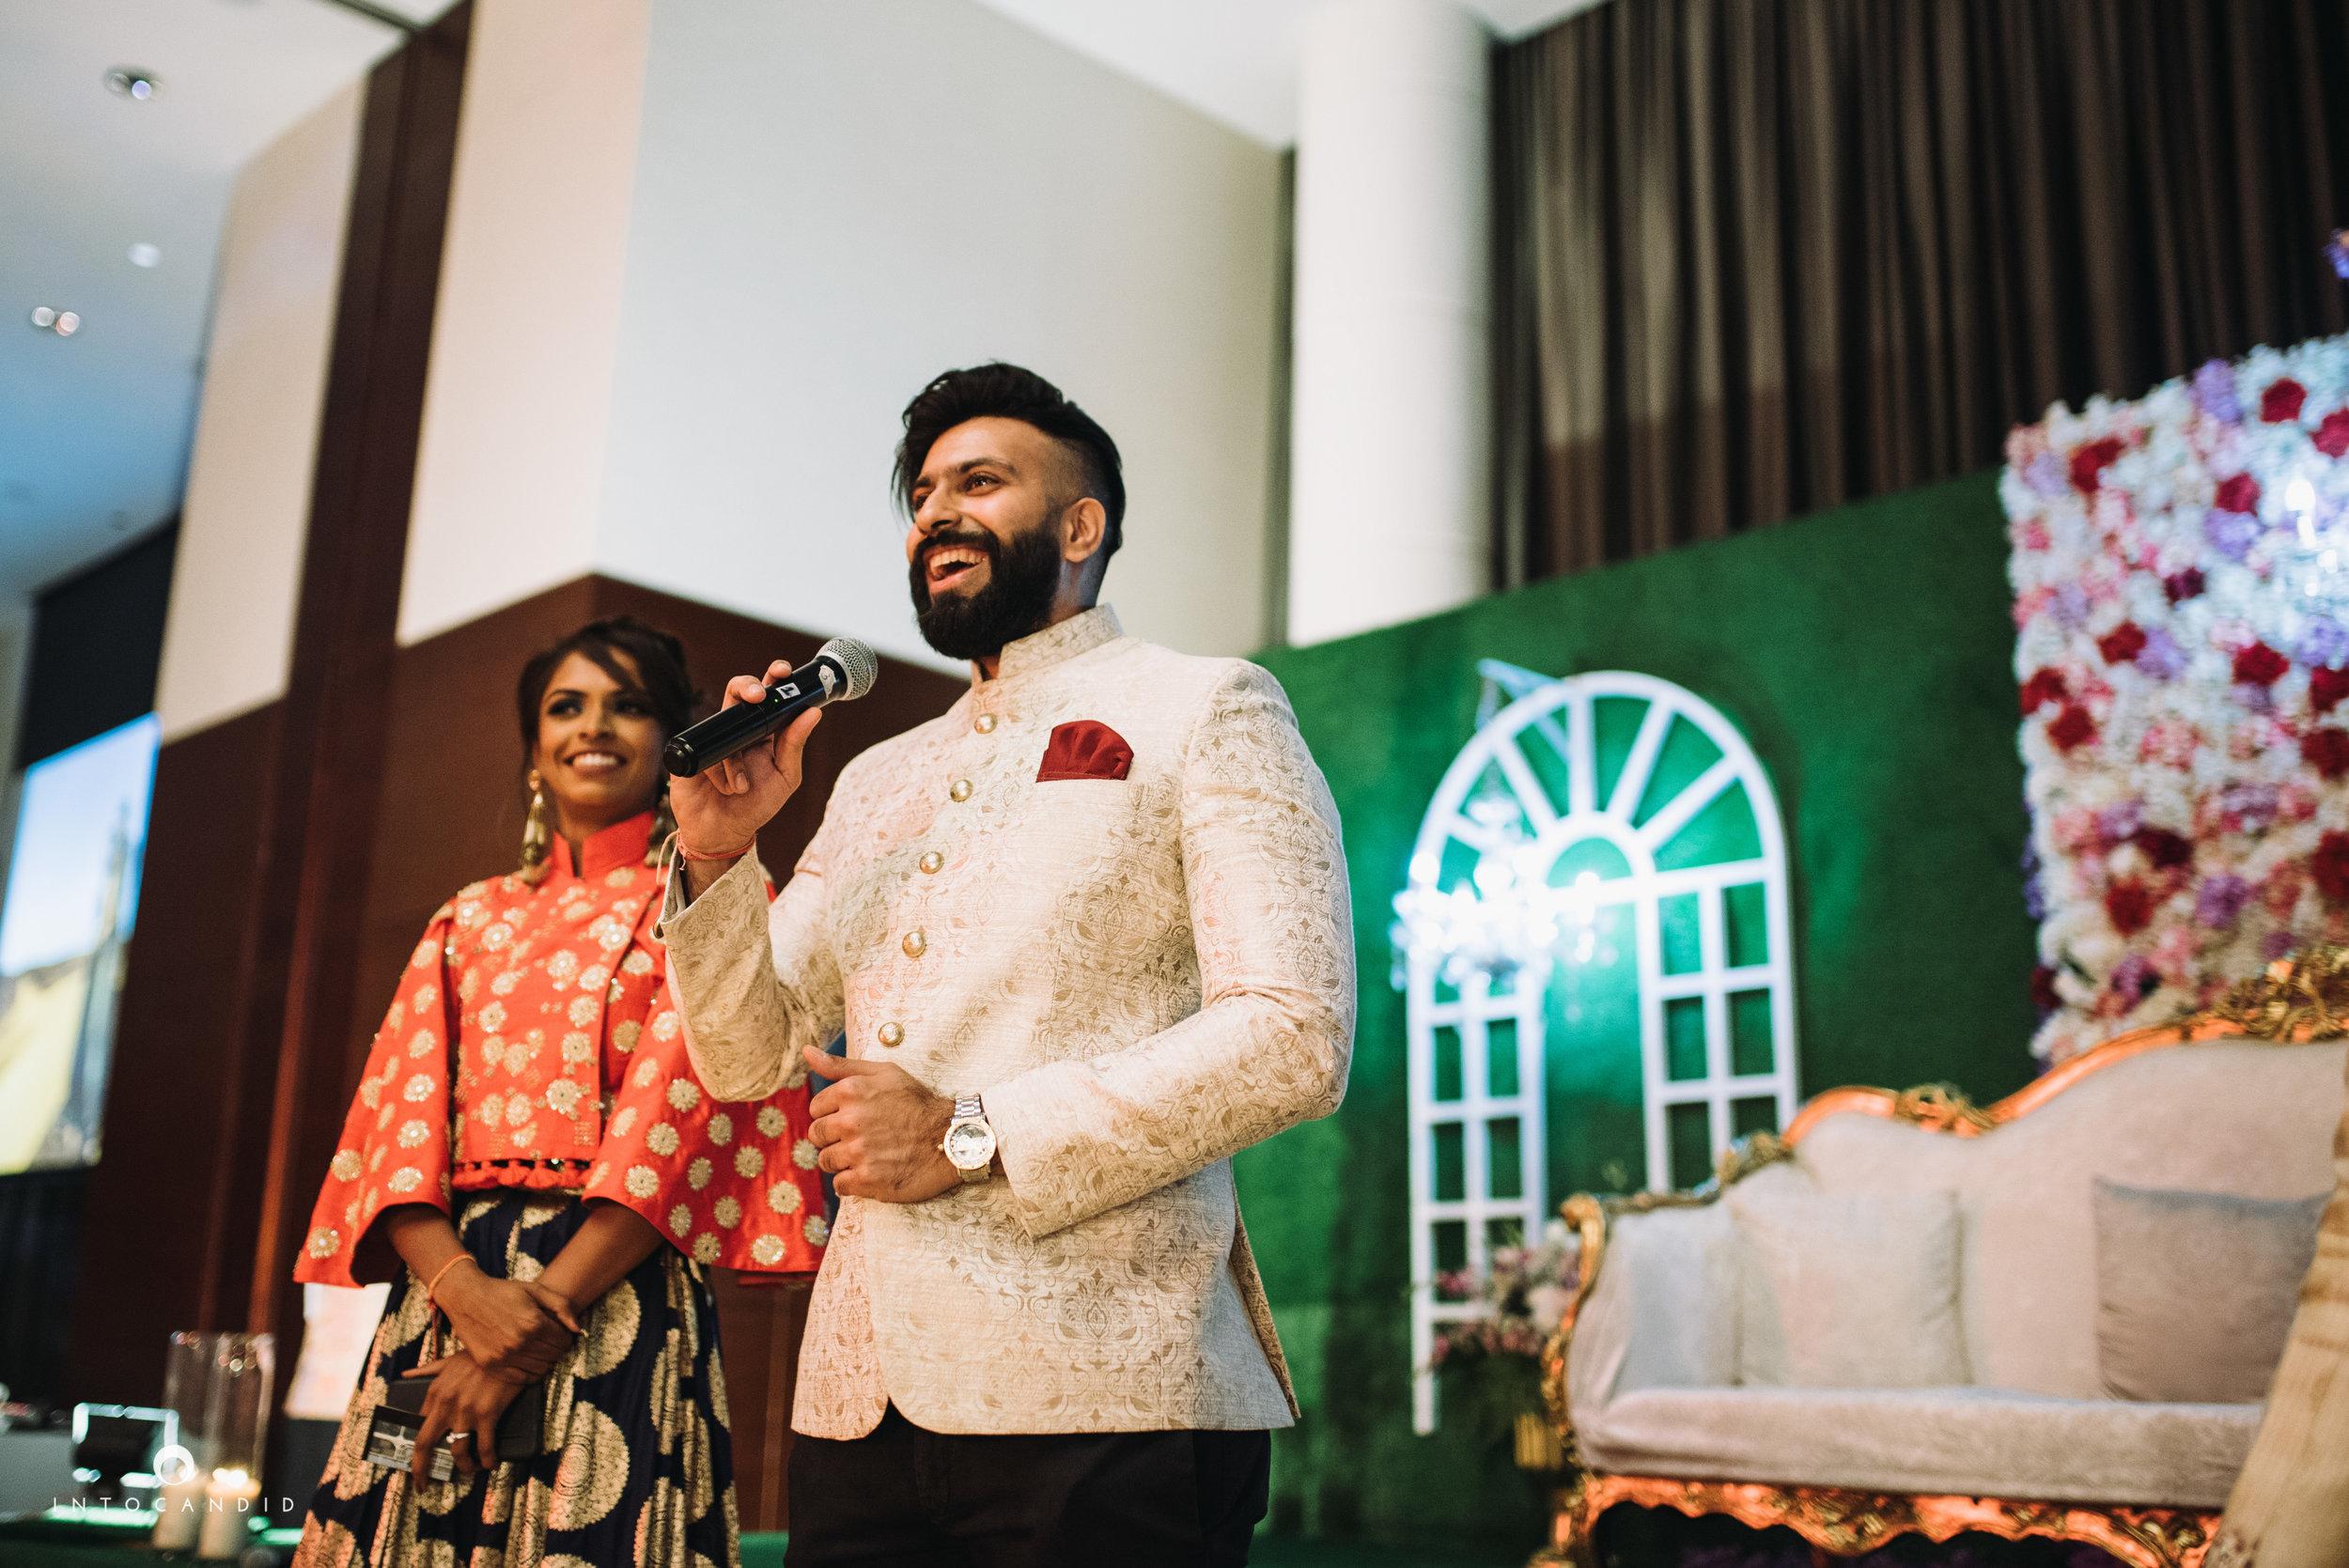 Dubai_Wedding_Photographer_67.JPG